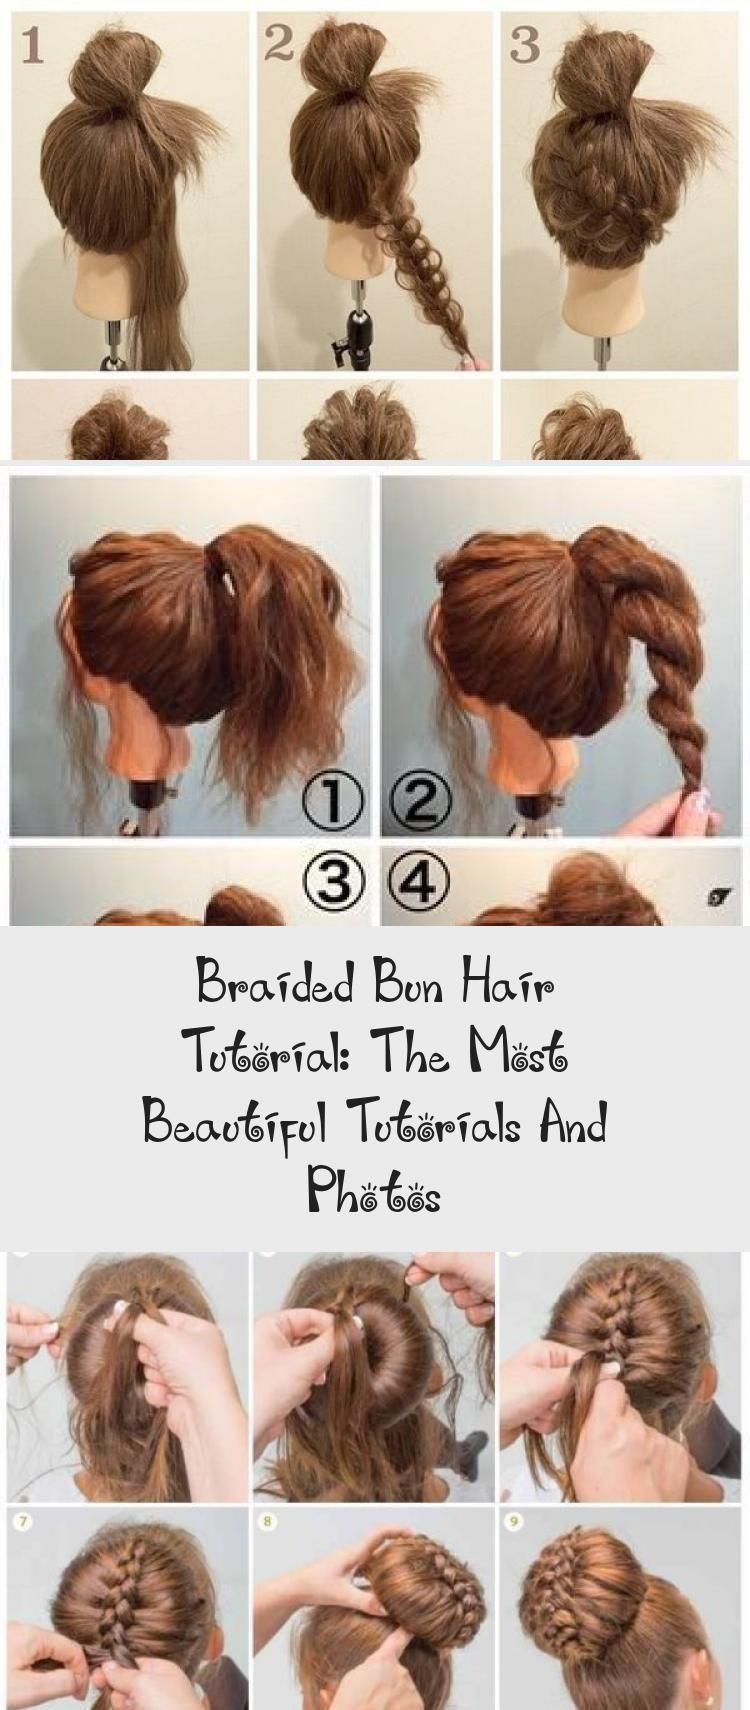 Braided Bun Hair Tutorial The Most Beautiful Tutorials And Photos Beautiful Braided Photos Tutorial In 2020 Hair Tutorial Hair Bun Tutorial Blowout Hair Tutorial